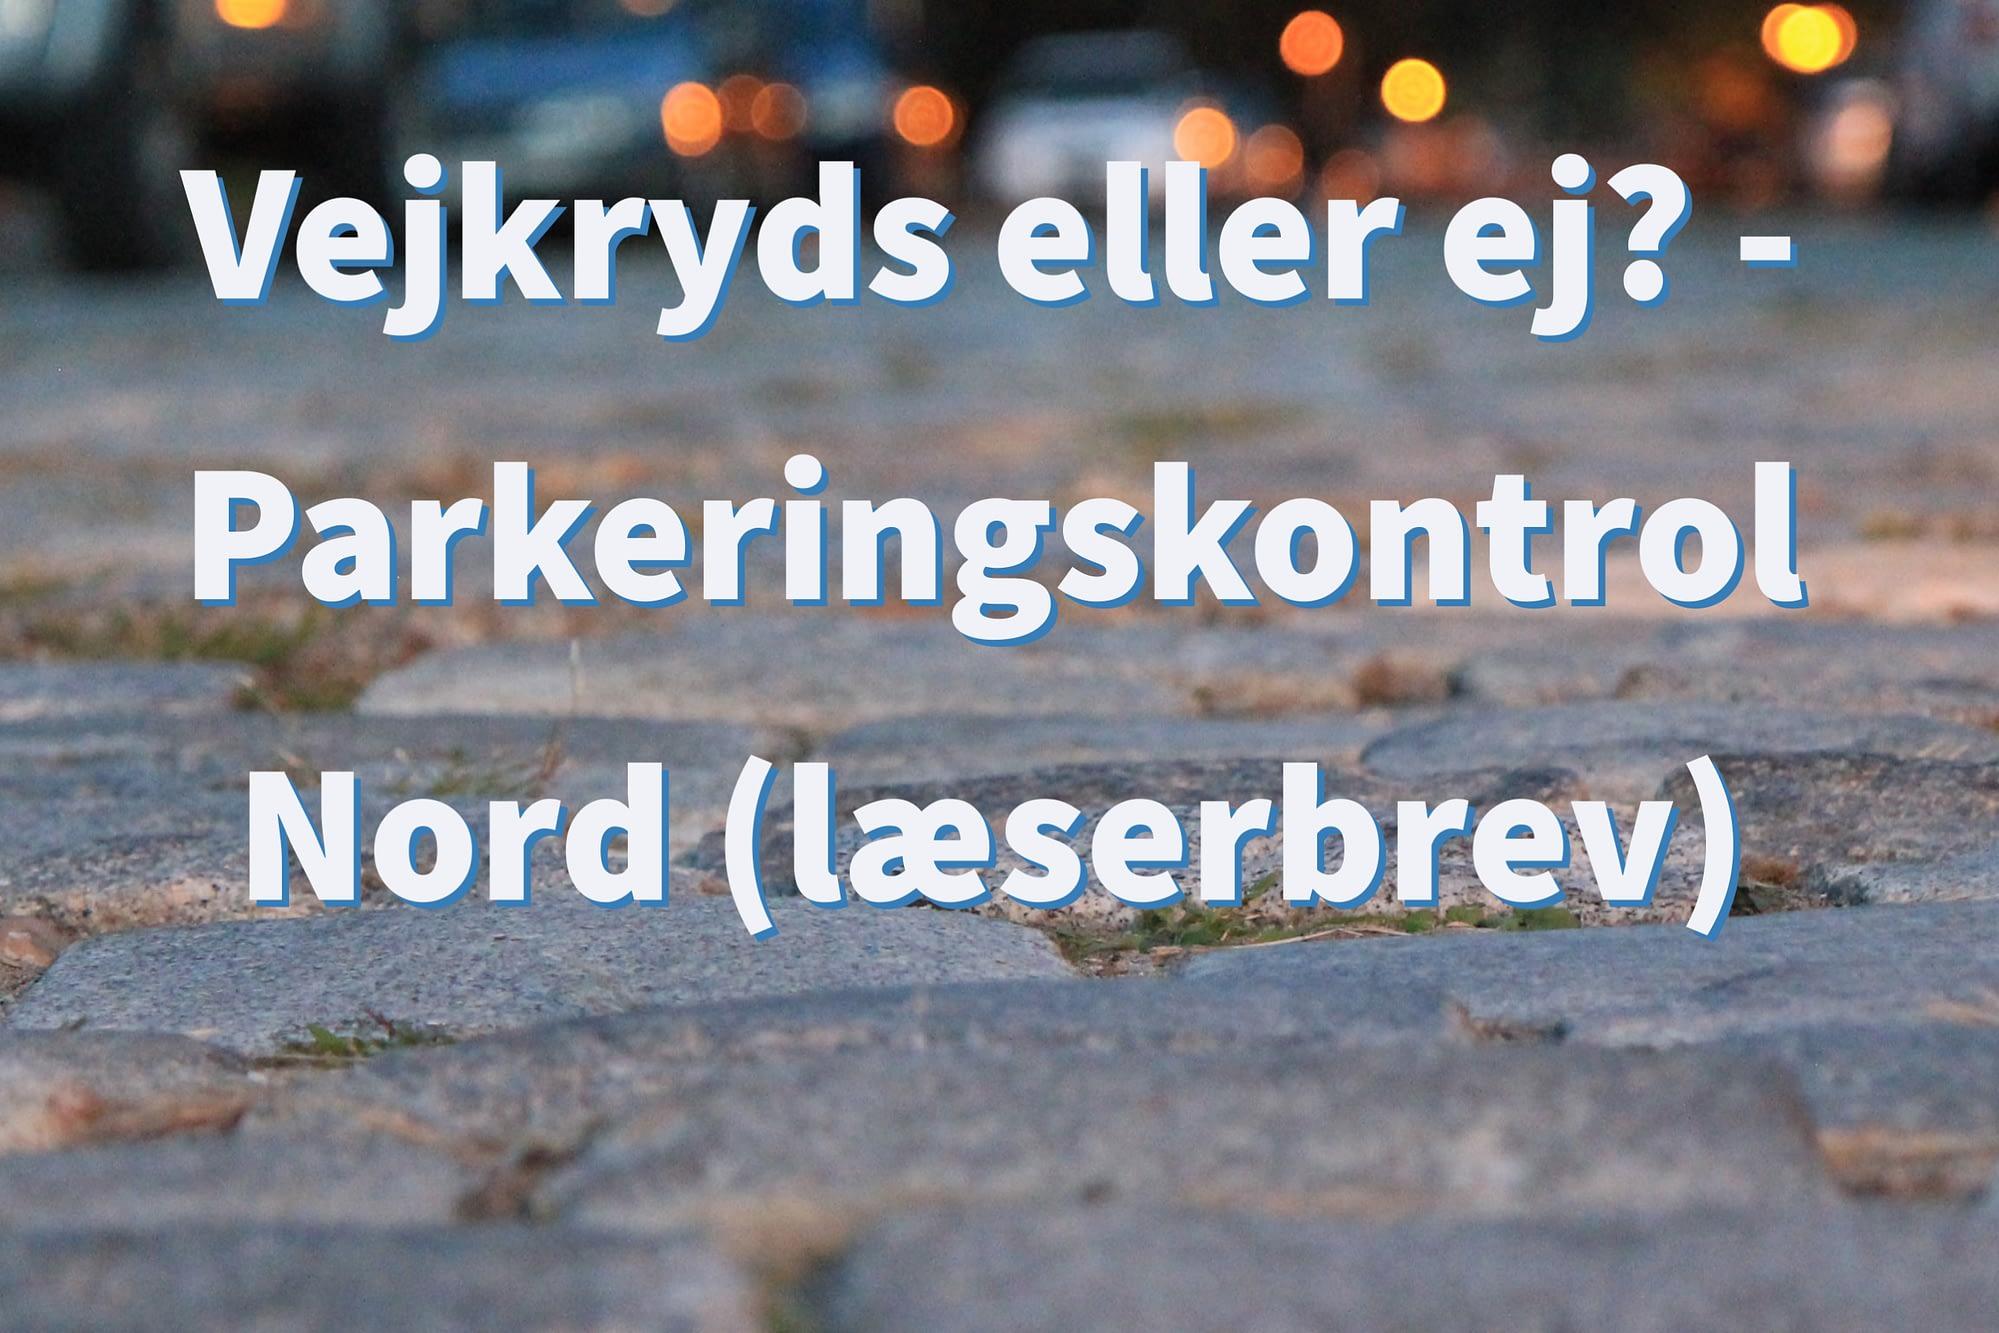 Vejkryds eller ej? – Parkeringskontrol Nord (læserbrev)